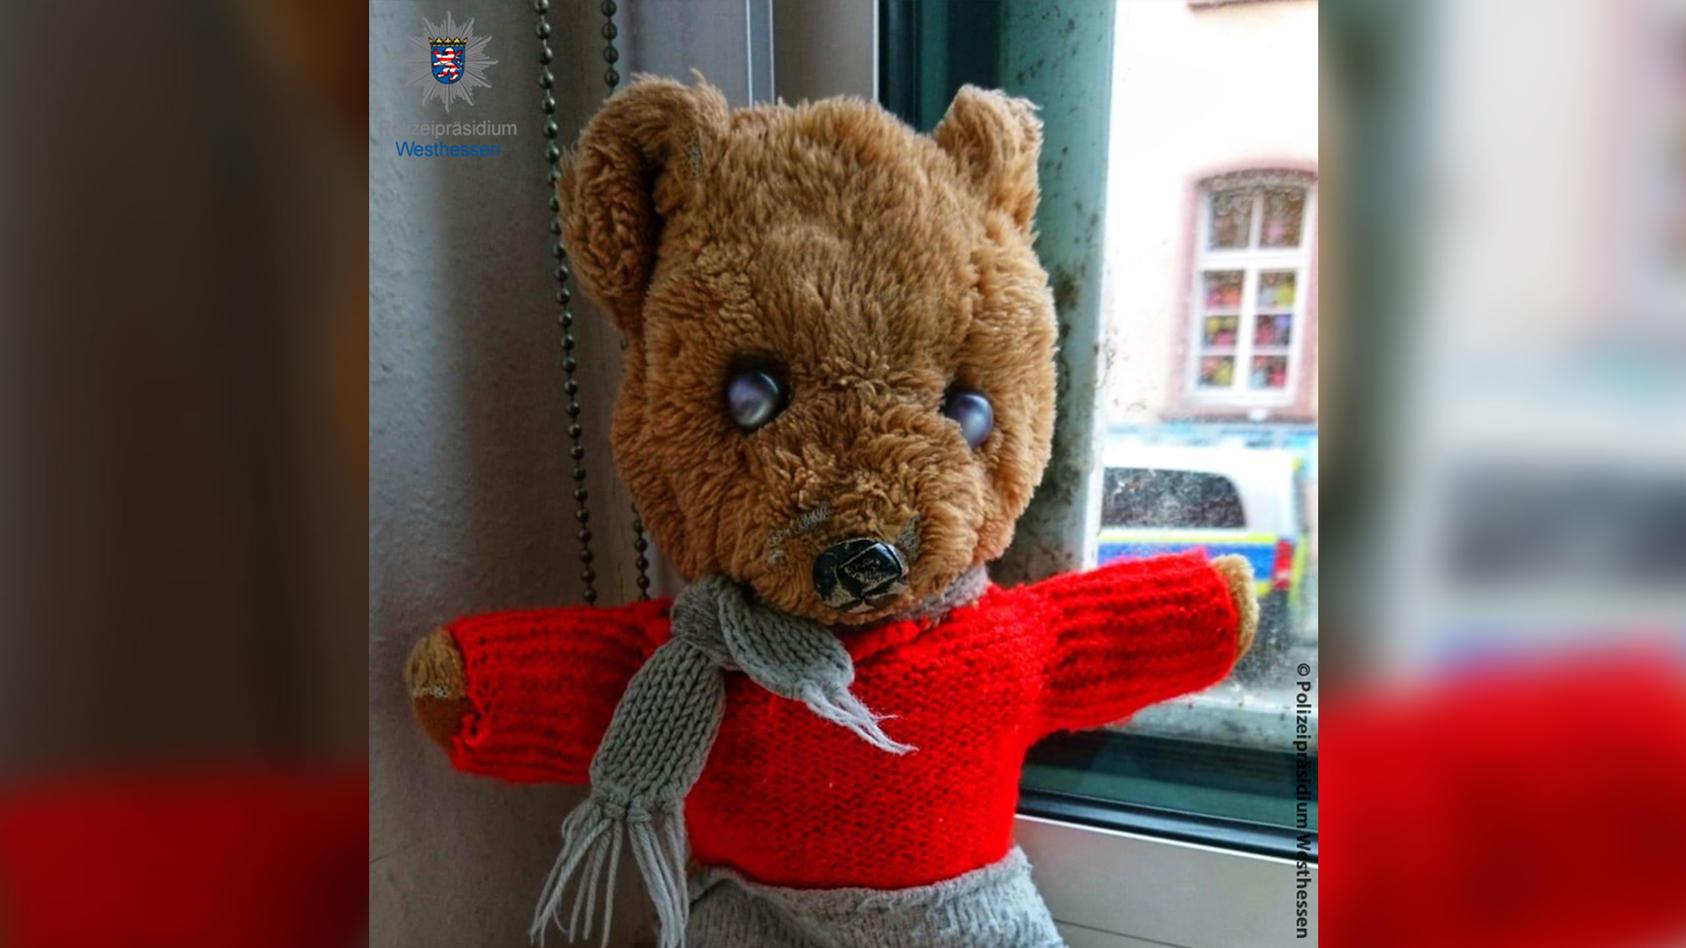 Mit diesem Foto ist die Polizei in Wiesbaden auf der Suche nach dem Teddybären.